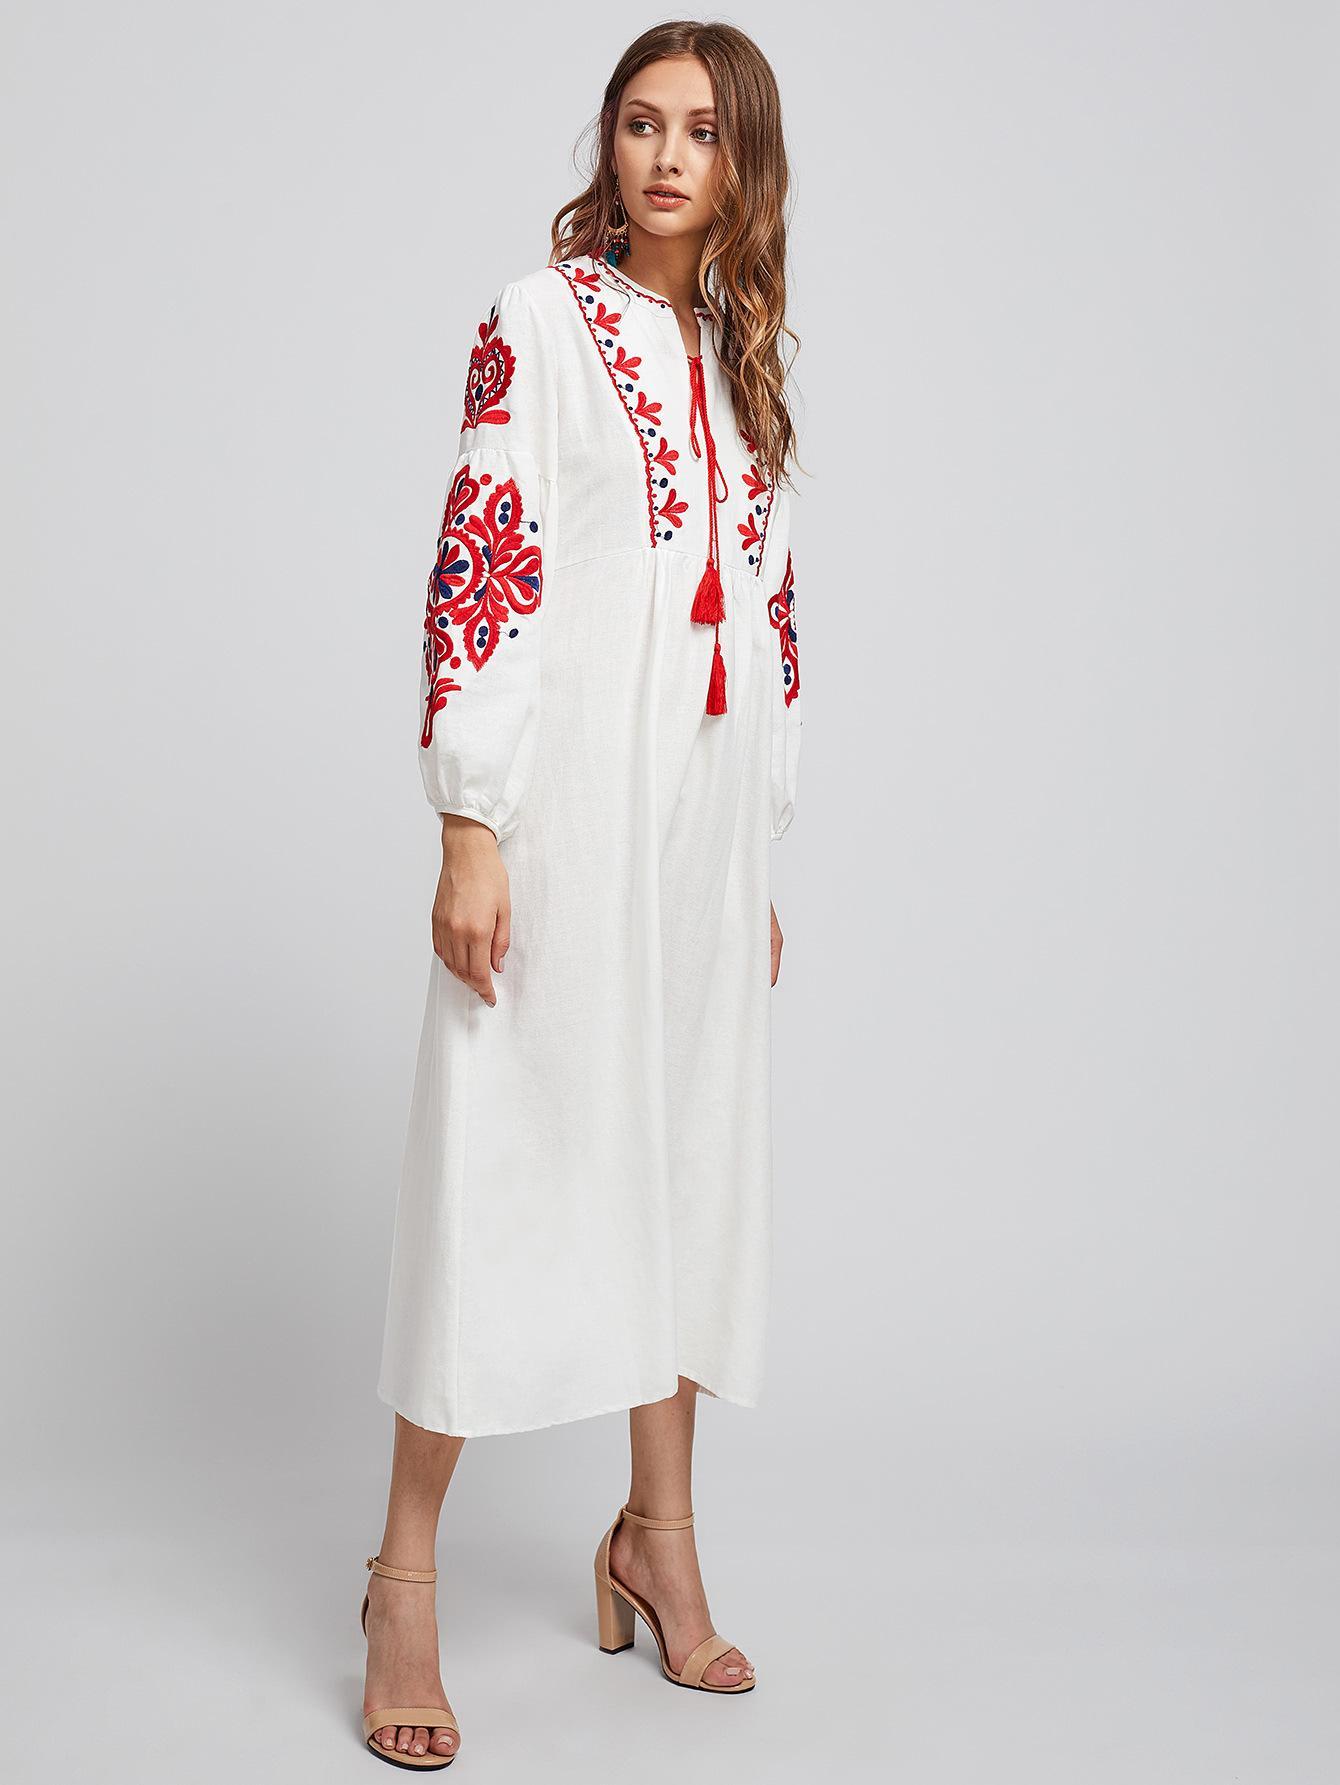 Image 4 - Ethnic Style Muslim Women Long Sleeve Maxi Dress Embroidery Arab  Abaya Cocktail Drawstring Vintage Dress Ukrainian VyshyvankaIslamic  Clothing